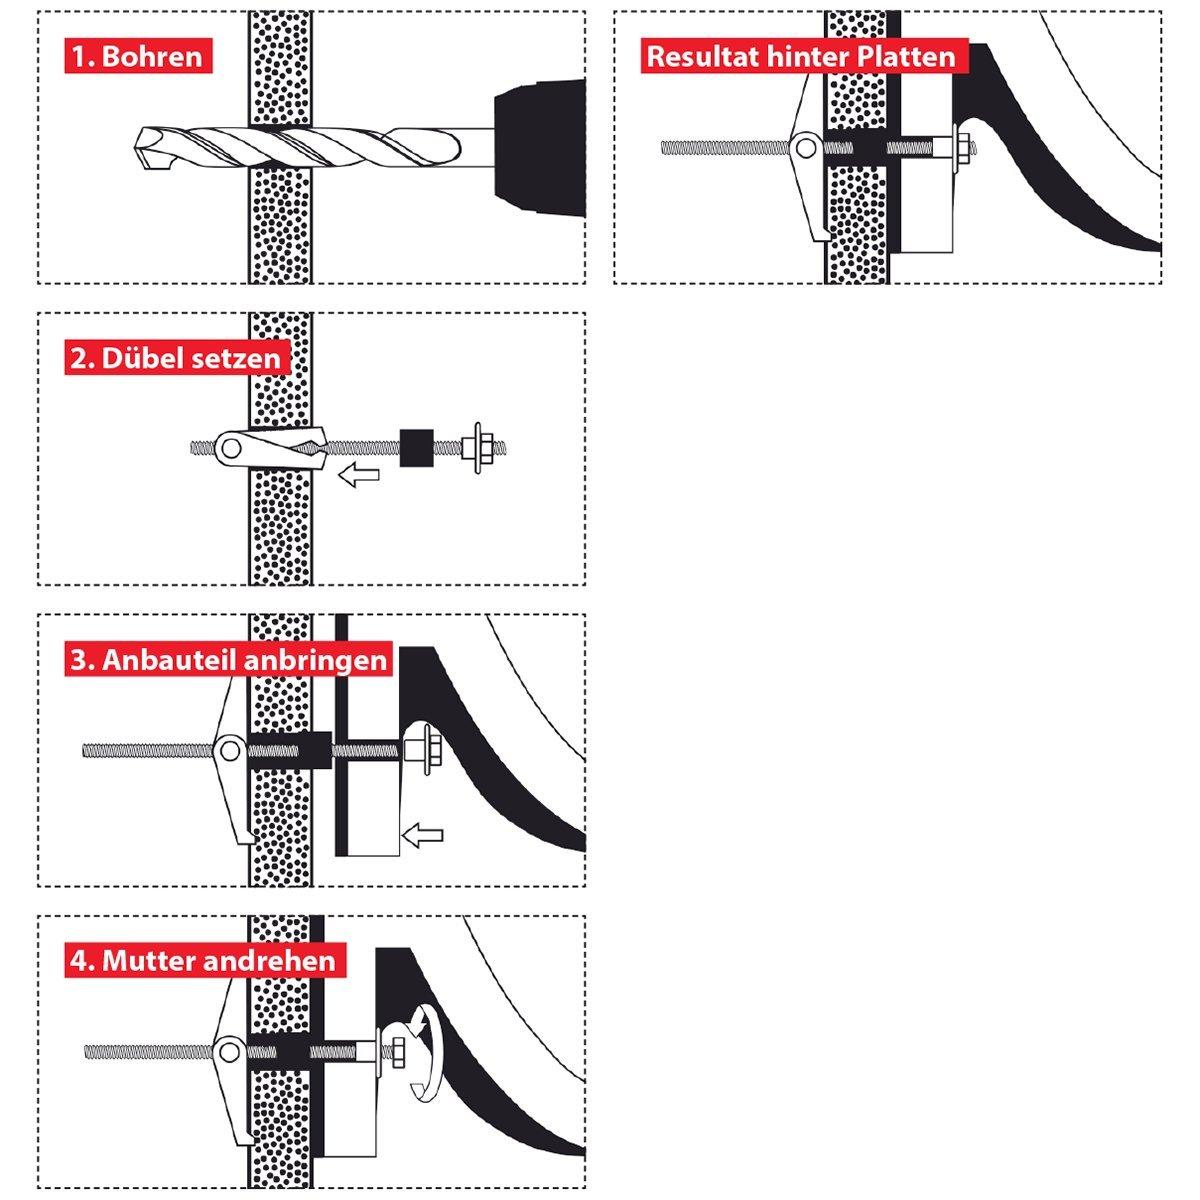 waschtisch-befestigung - überbrückt große befestigungsdicken - tox